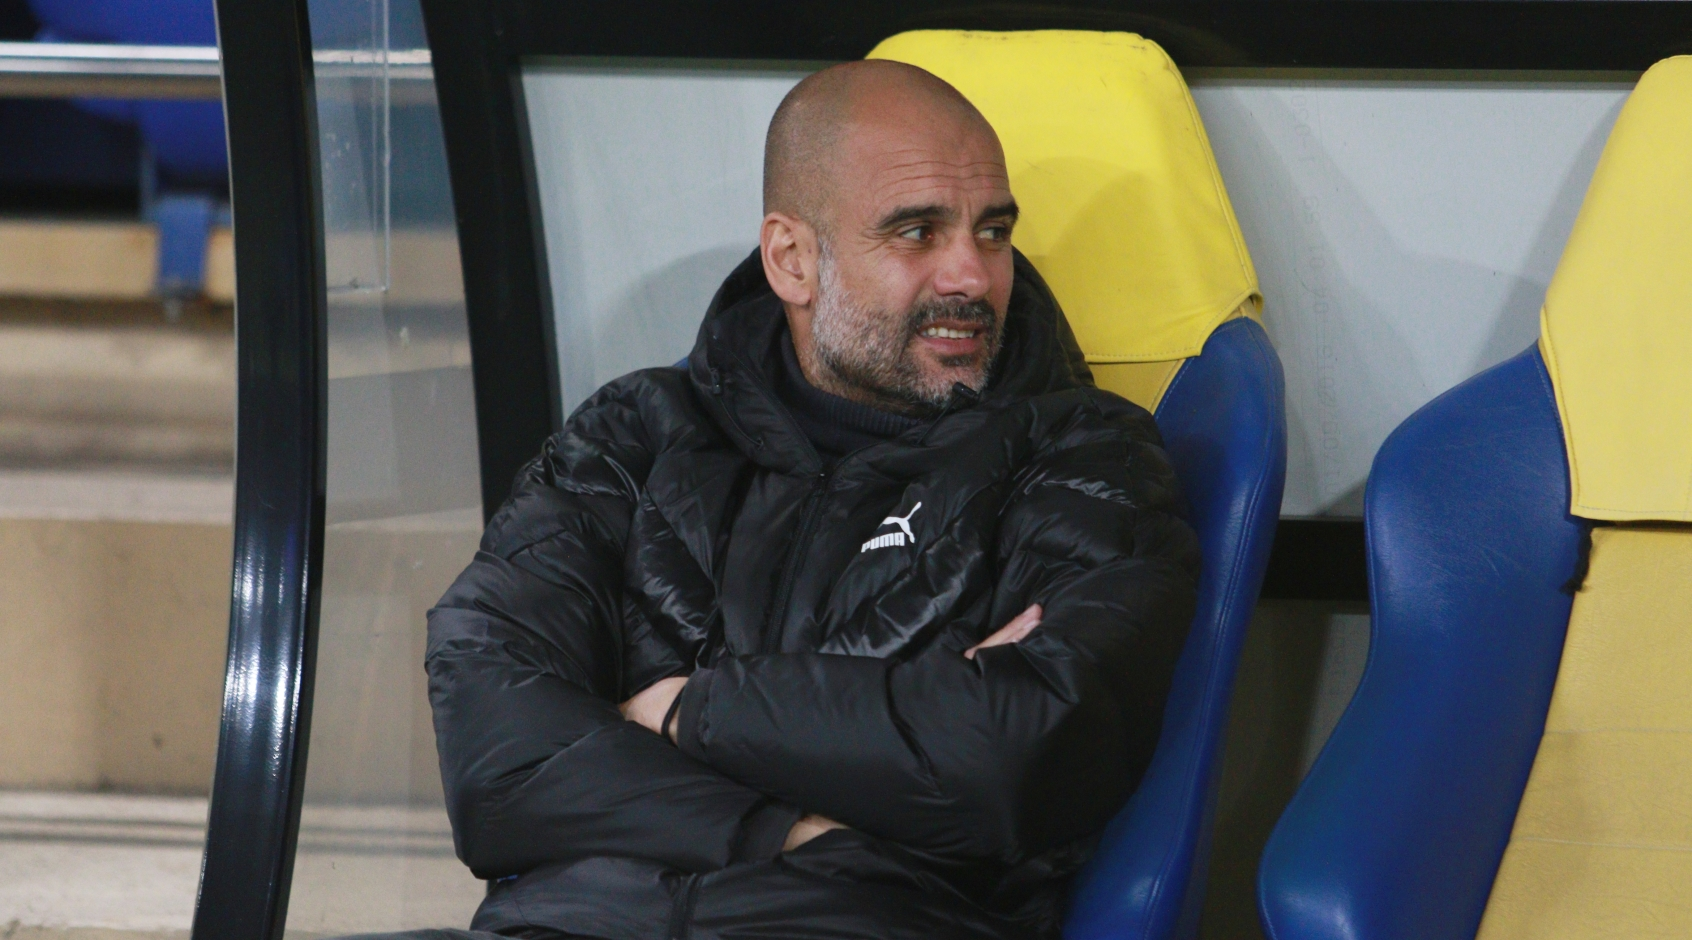 """Хосеп Гвардиола: """"Суперлига? Нужно улучшить национальные чемпионаты за счет сокращения команд"""""""